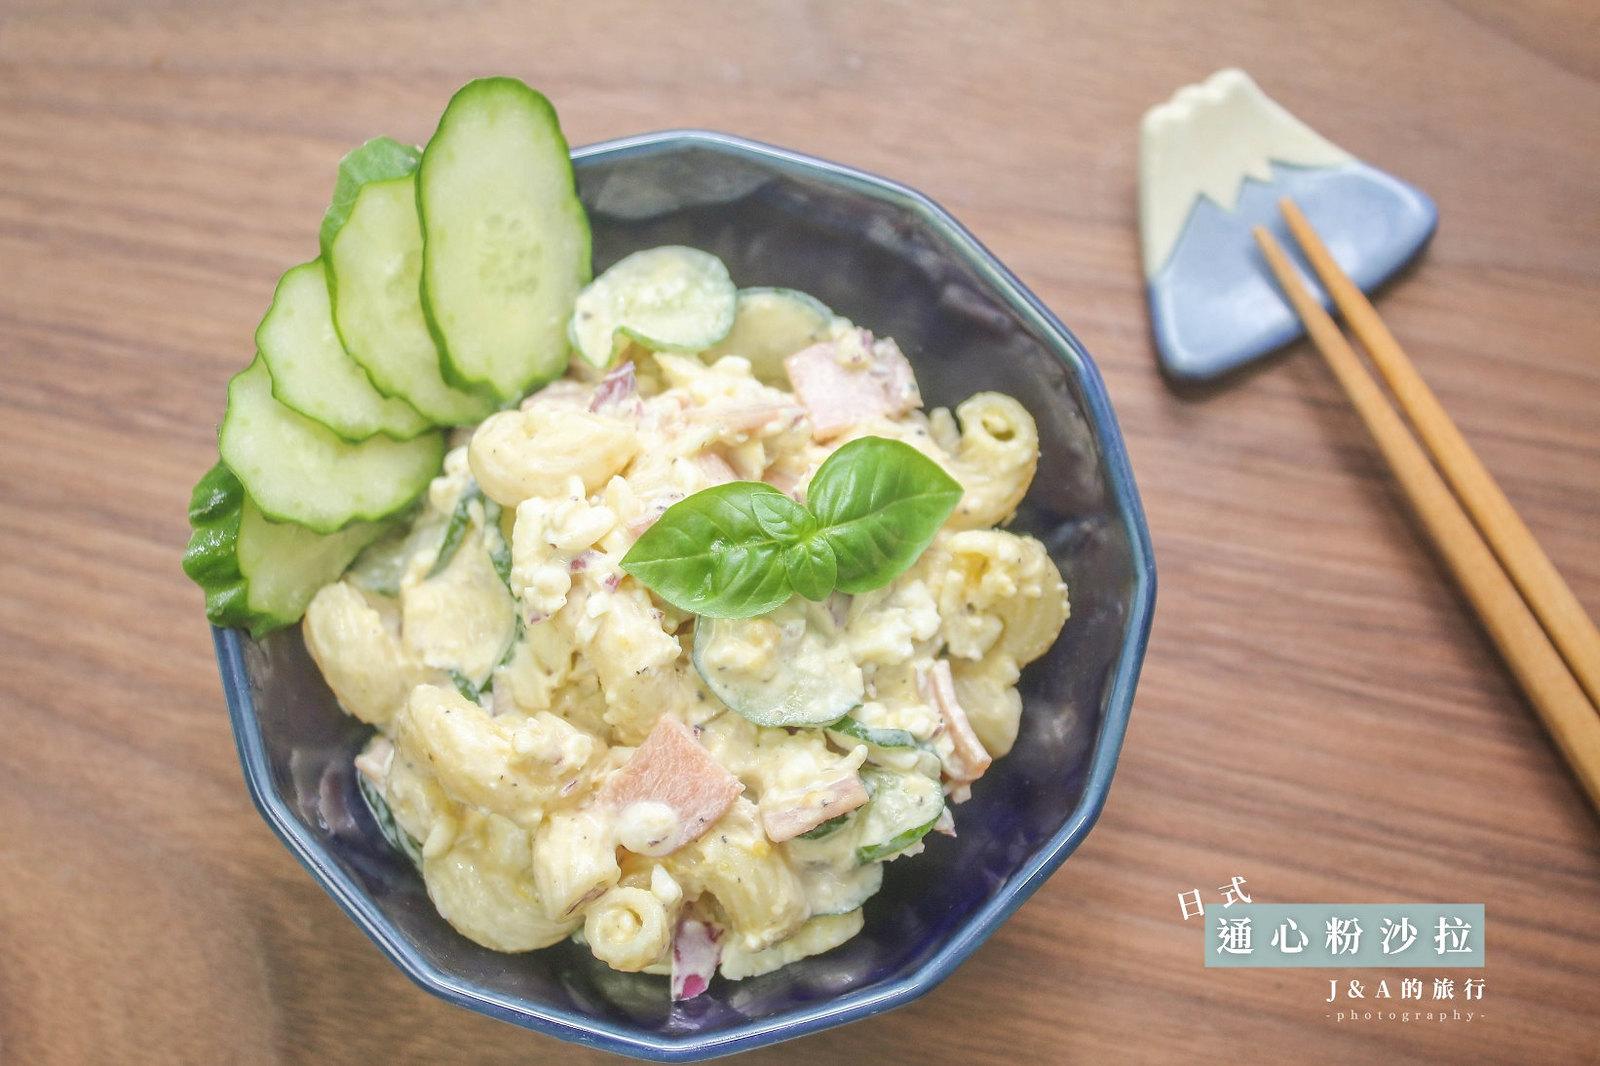 最新推播訊息:日式通心粉沙拉,零失敗清爽開胃涼拌小菜